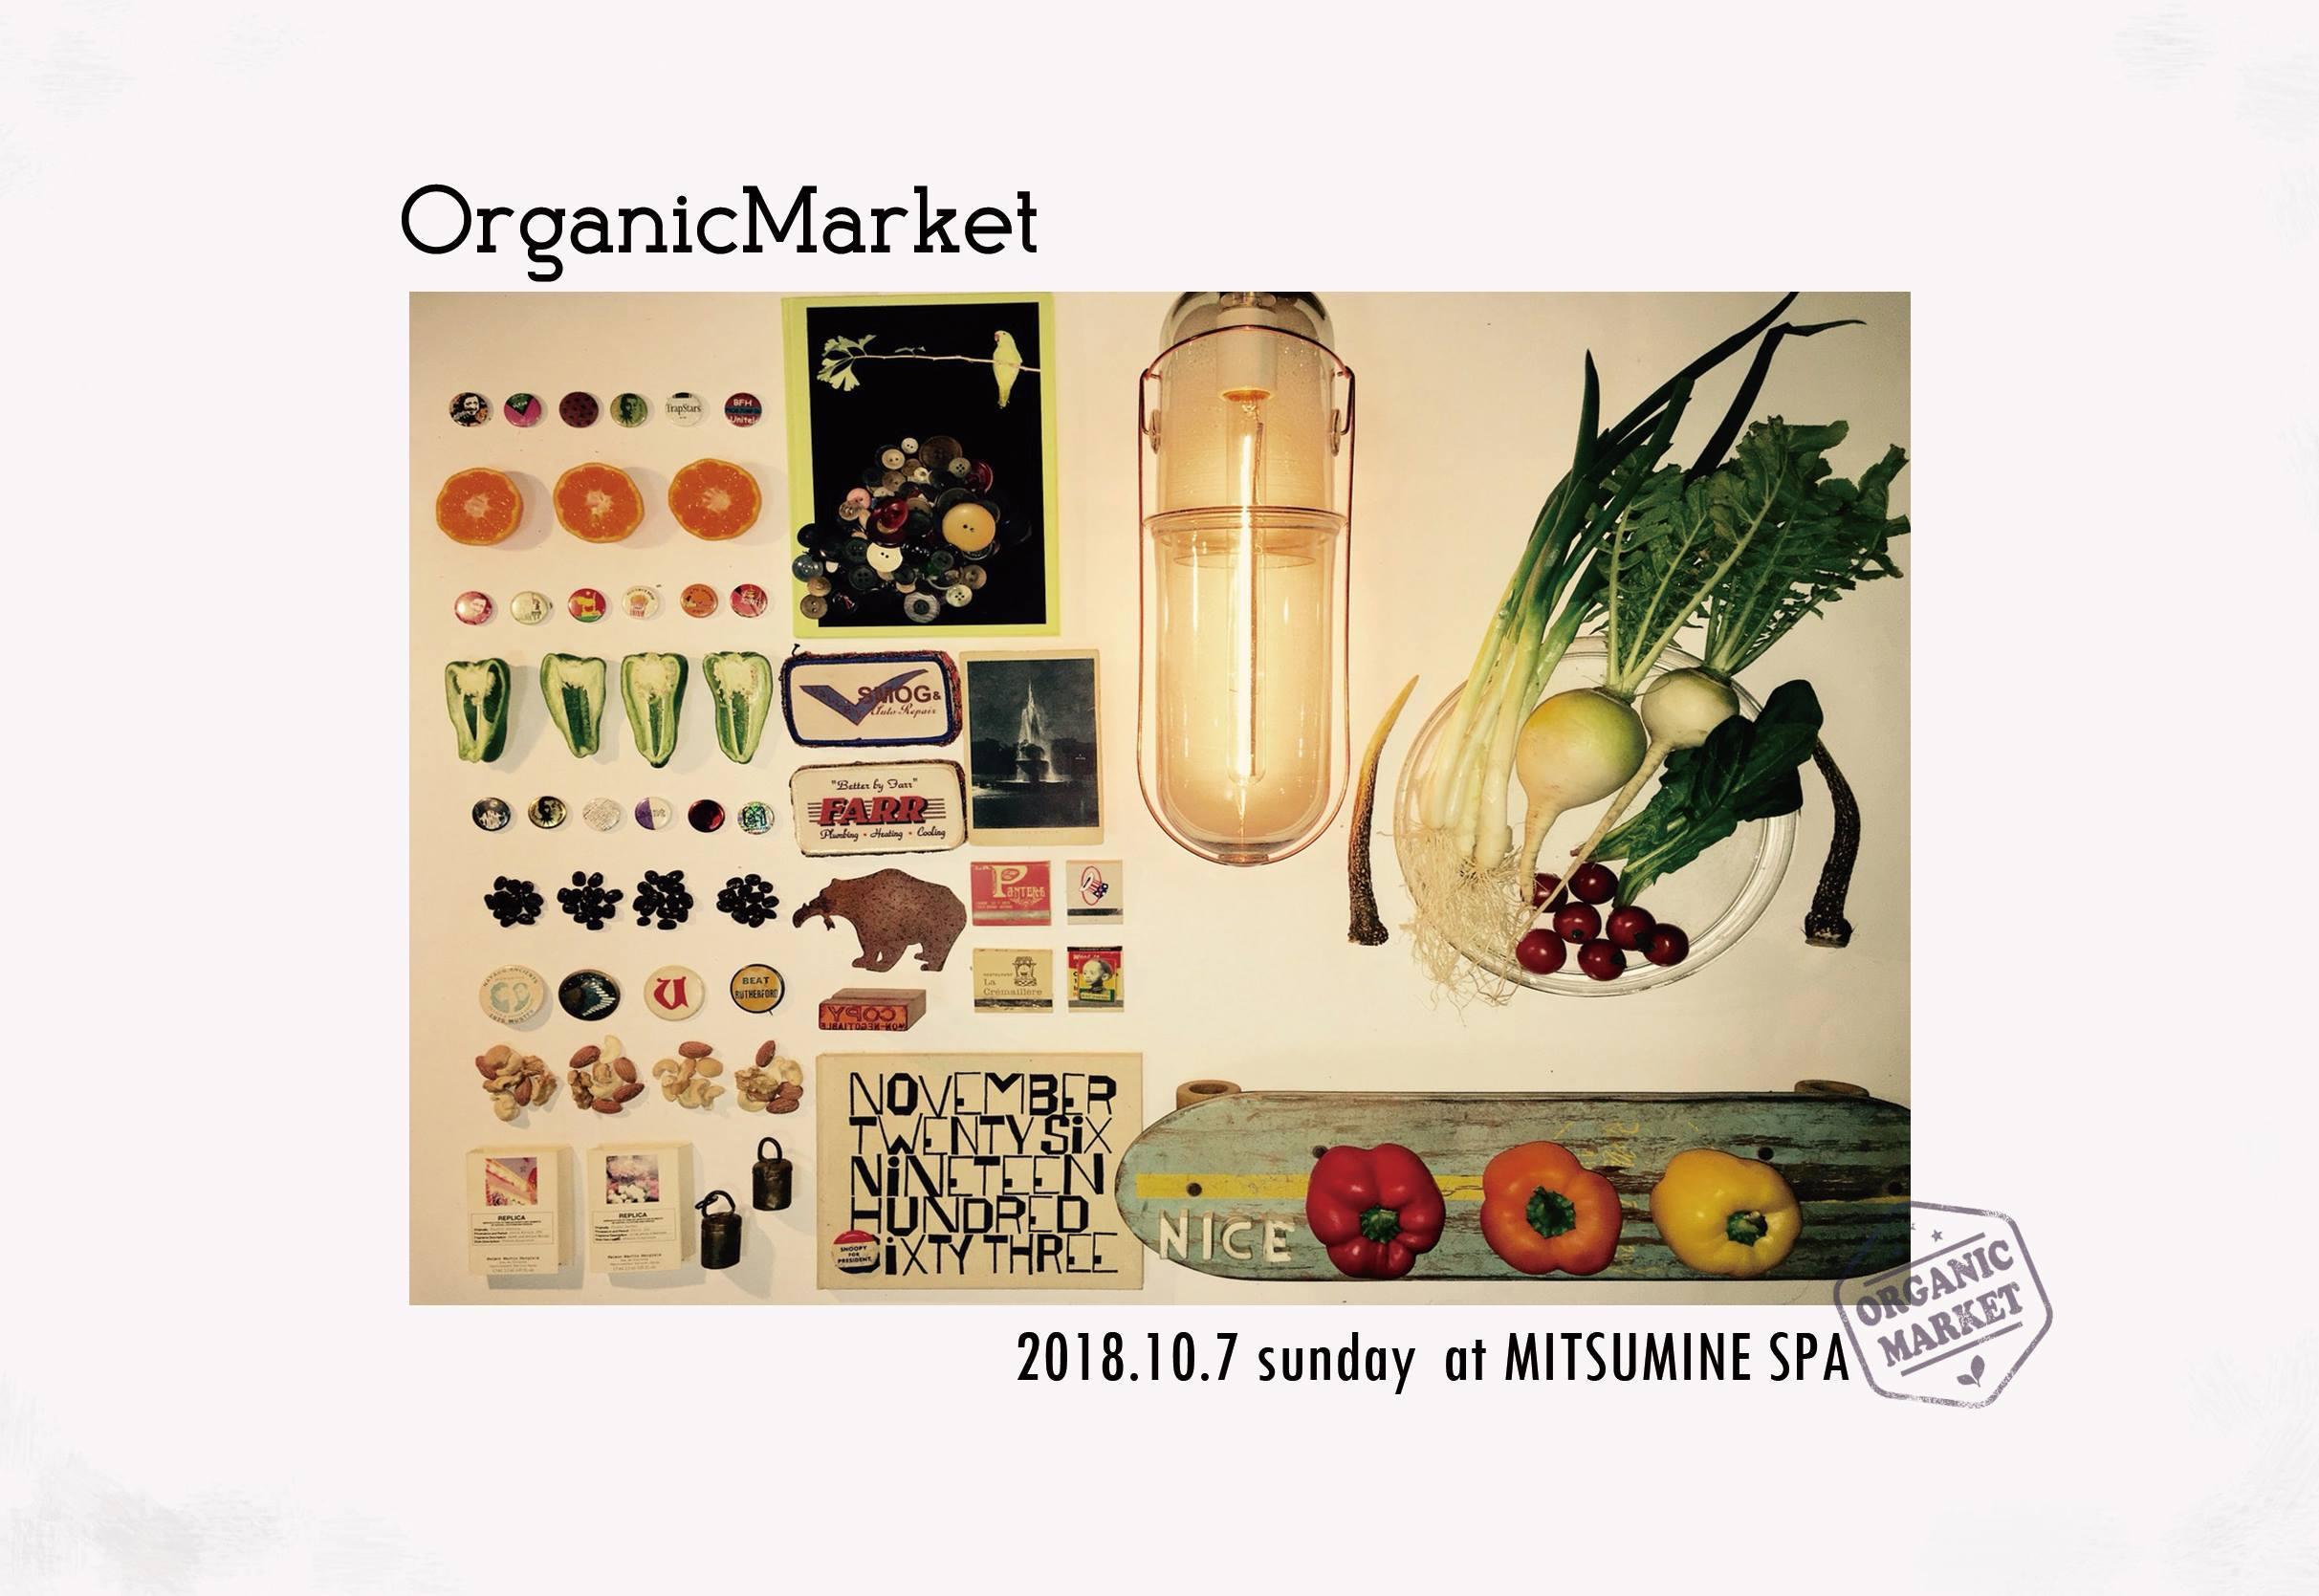 明日、オーガニックマーケットin 三峰温泉に出店します_e0155231_21520310.jpg